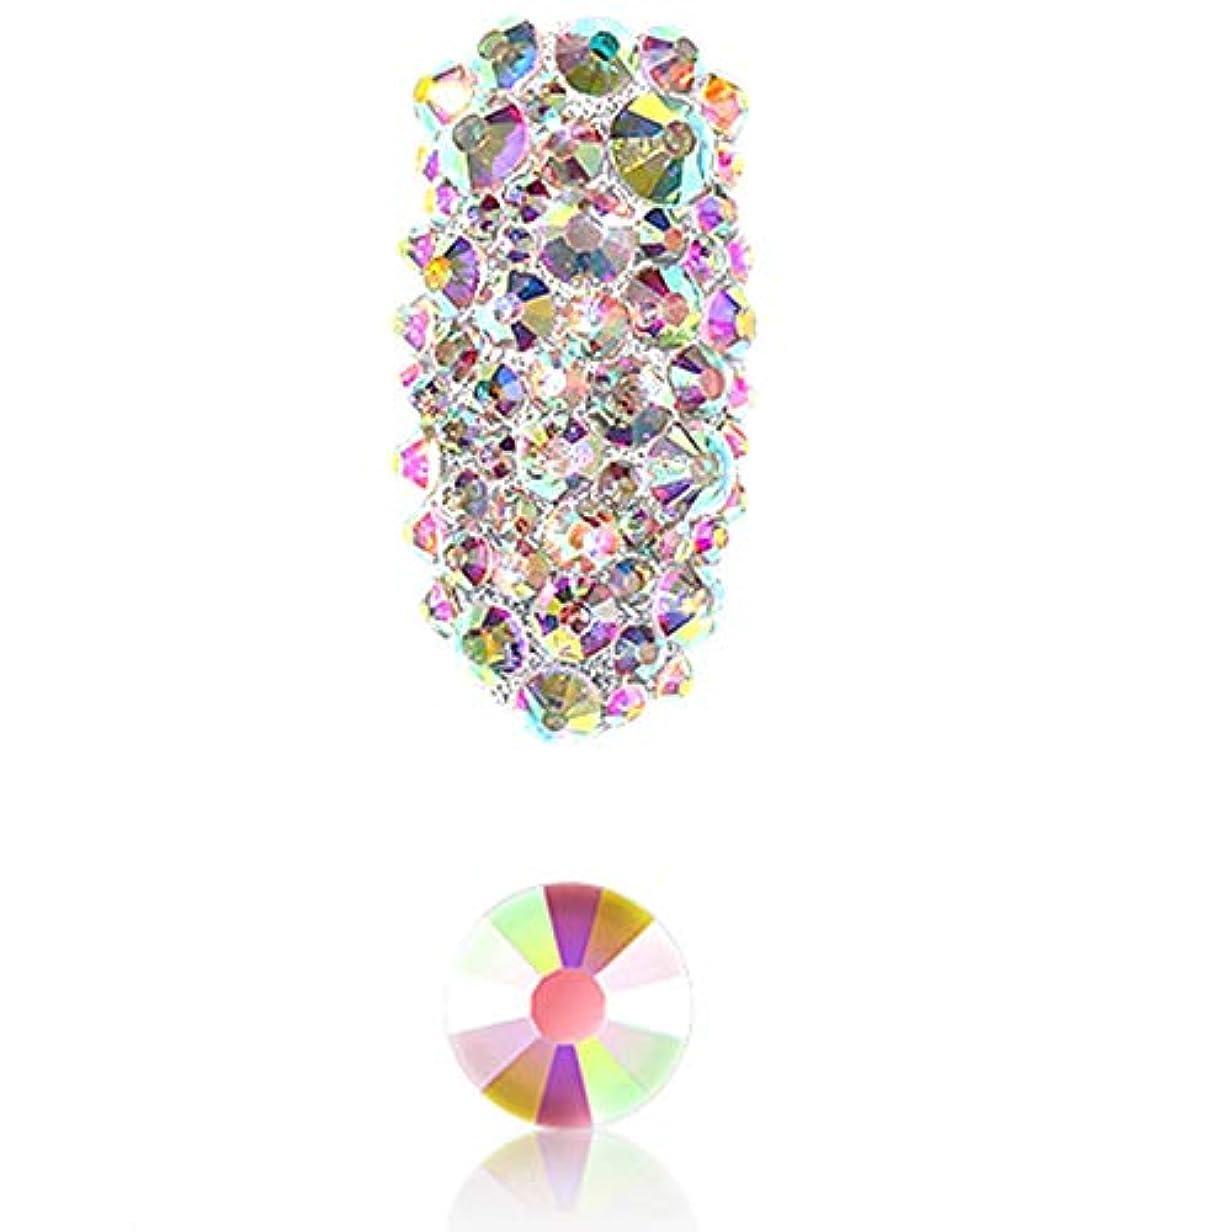 カプラー認可トイレTOOGOO 1パックフラットバックガラスネイルラインストーン混合サイズSs4-Ss16ネイルアート装飾石シャイニー宝石マニキュアアクセサリー1#ABカラー